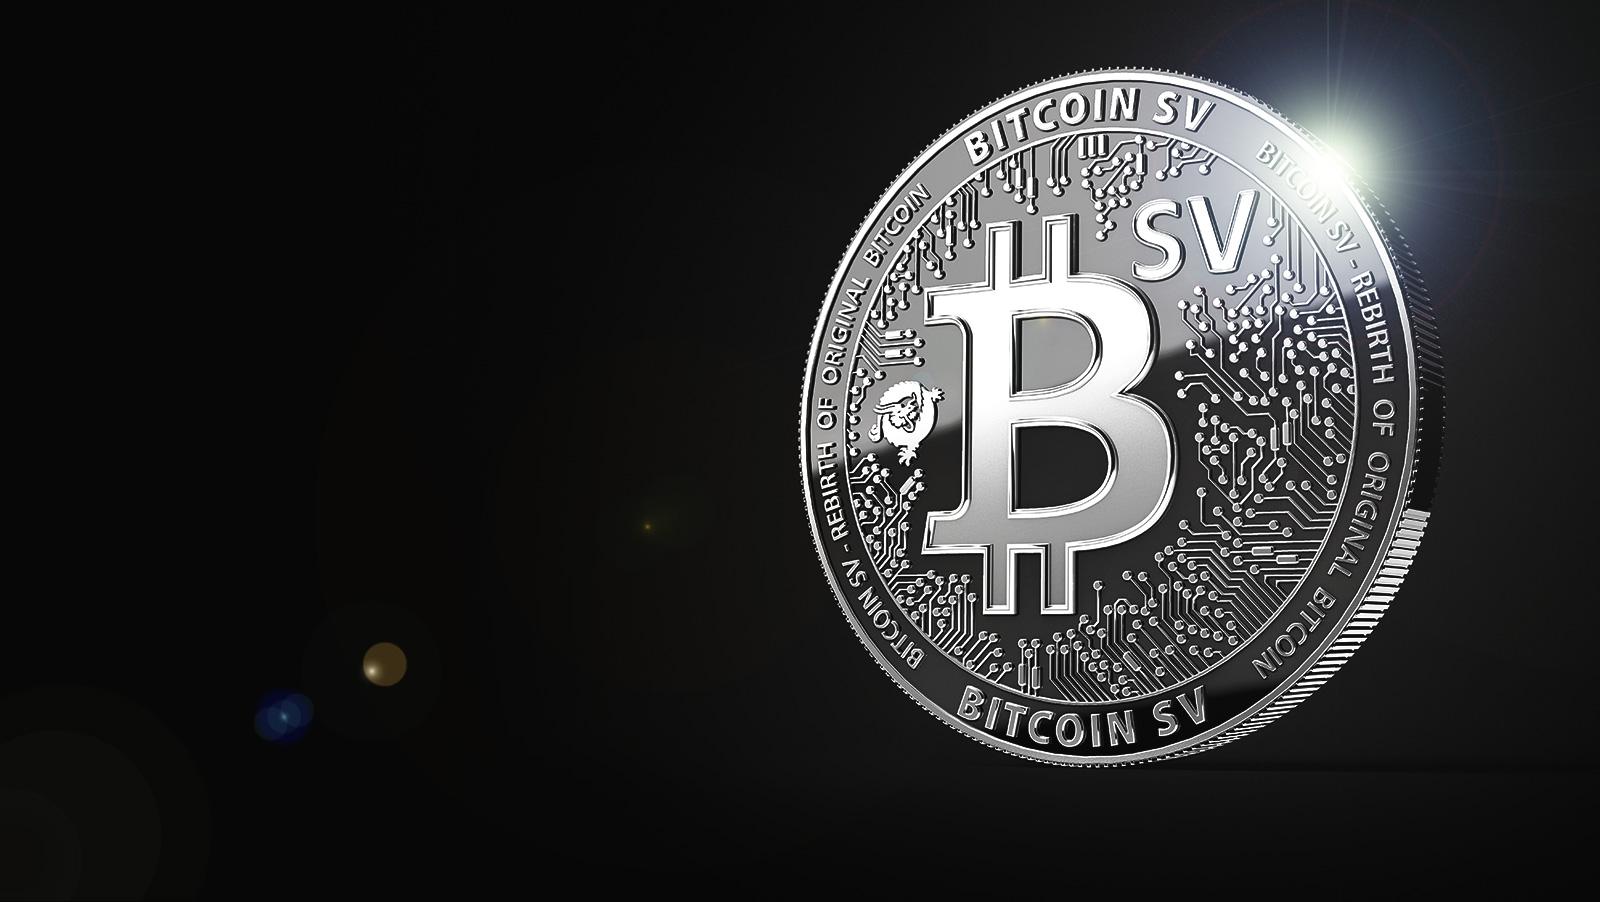 bitcoin-sv-9